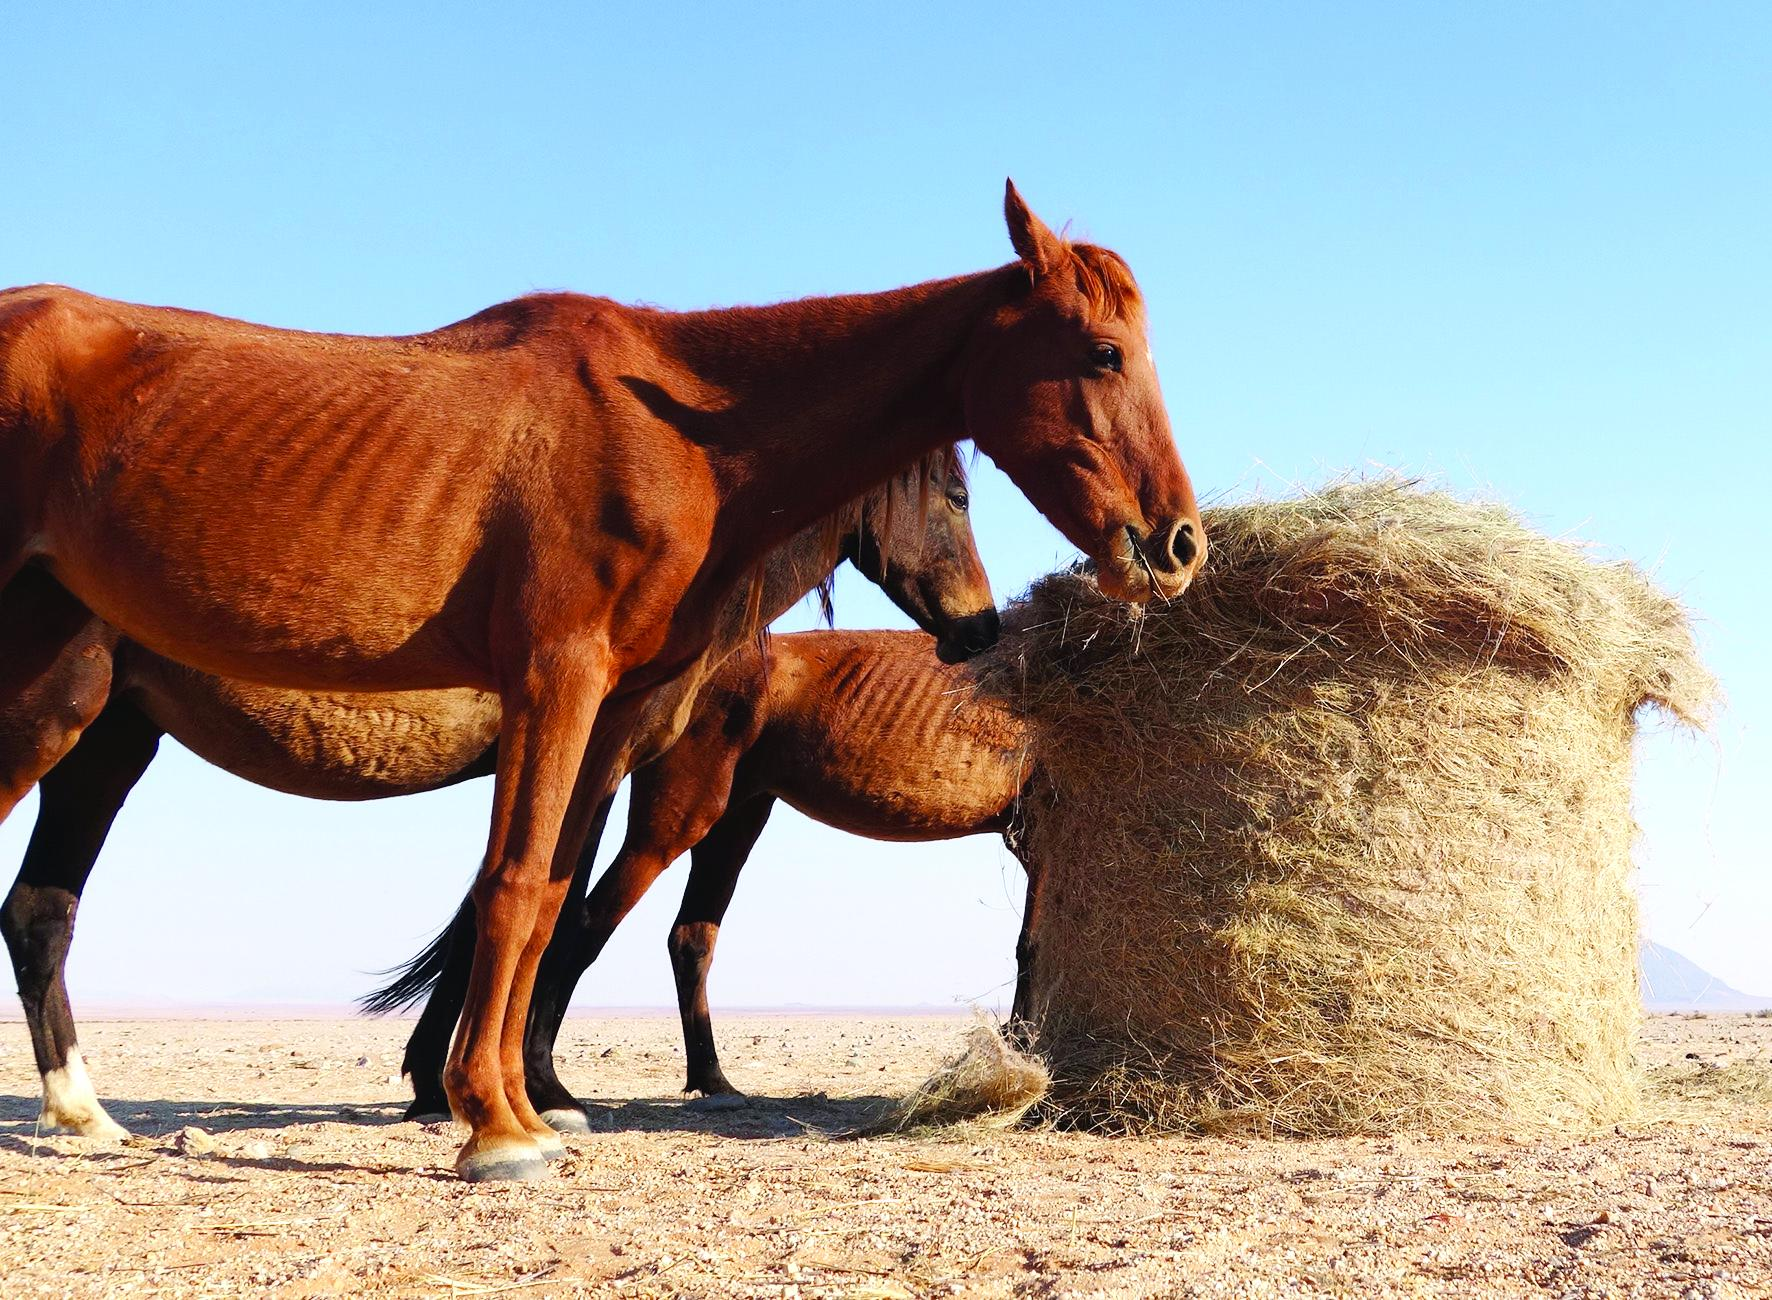 Namib horses face extinction